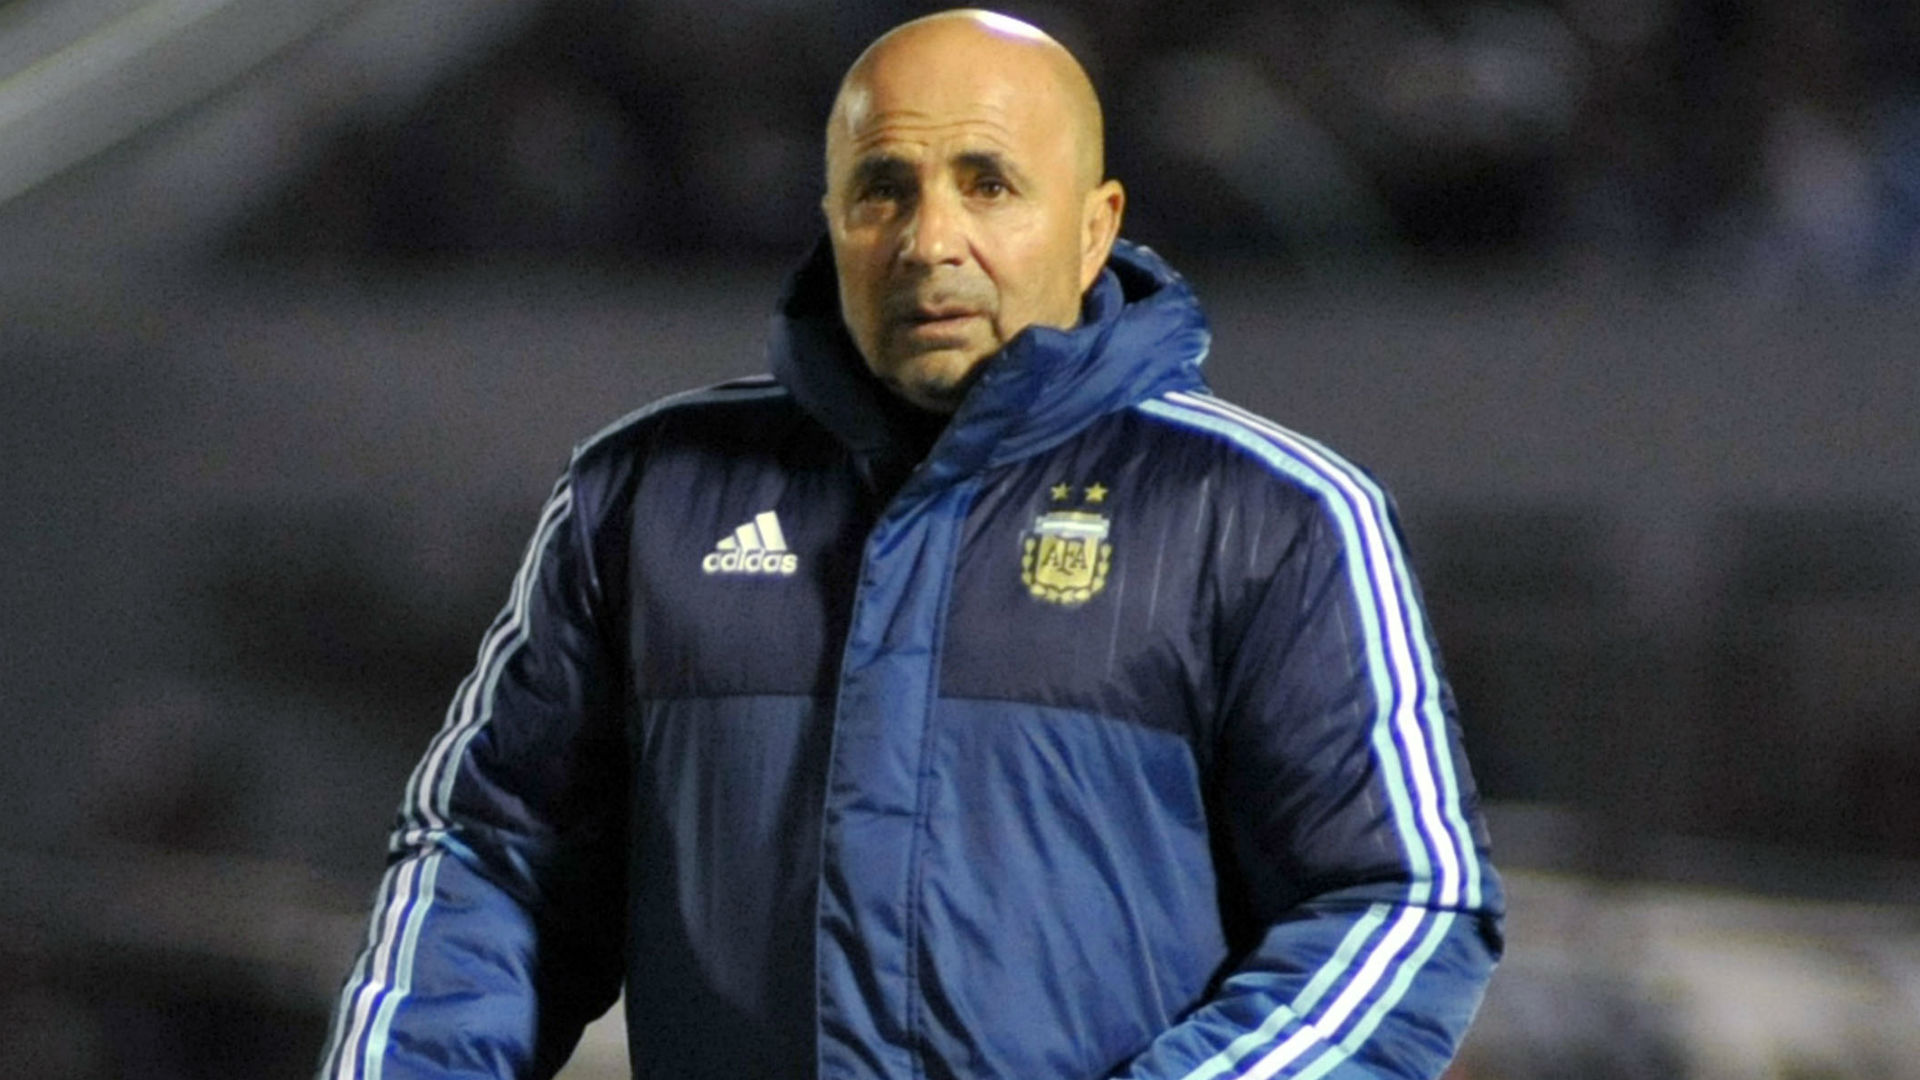 Sampaoli prepara un equipo ultra ofensivo para enfrentar a Uruguay